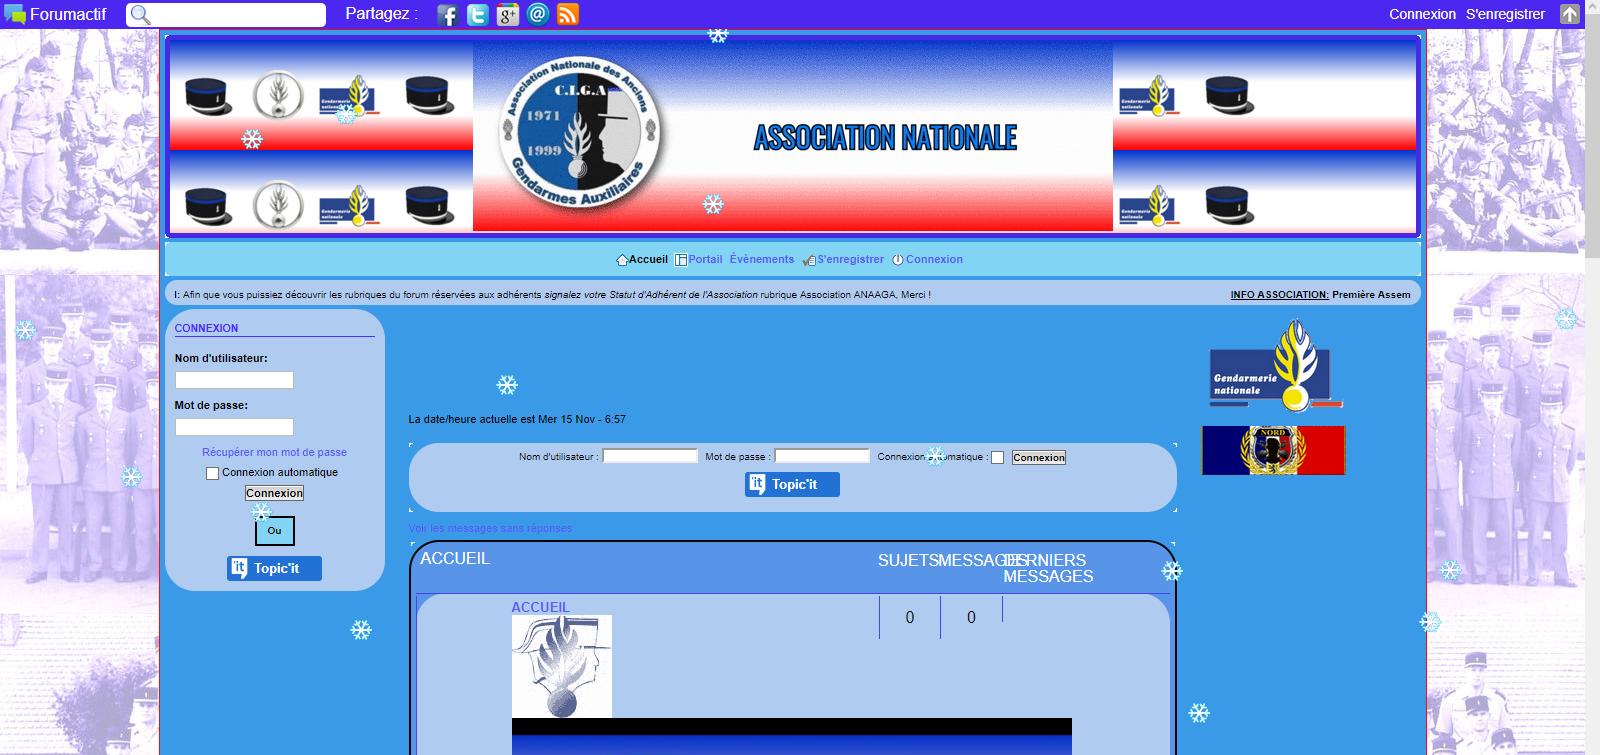 Tag logo-desc sur Forum gratuit : Le forum des forums actifs 01QP3